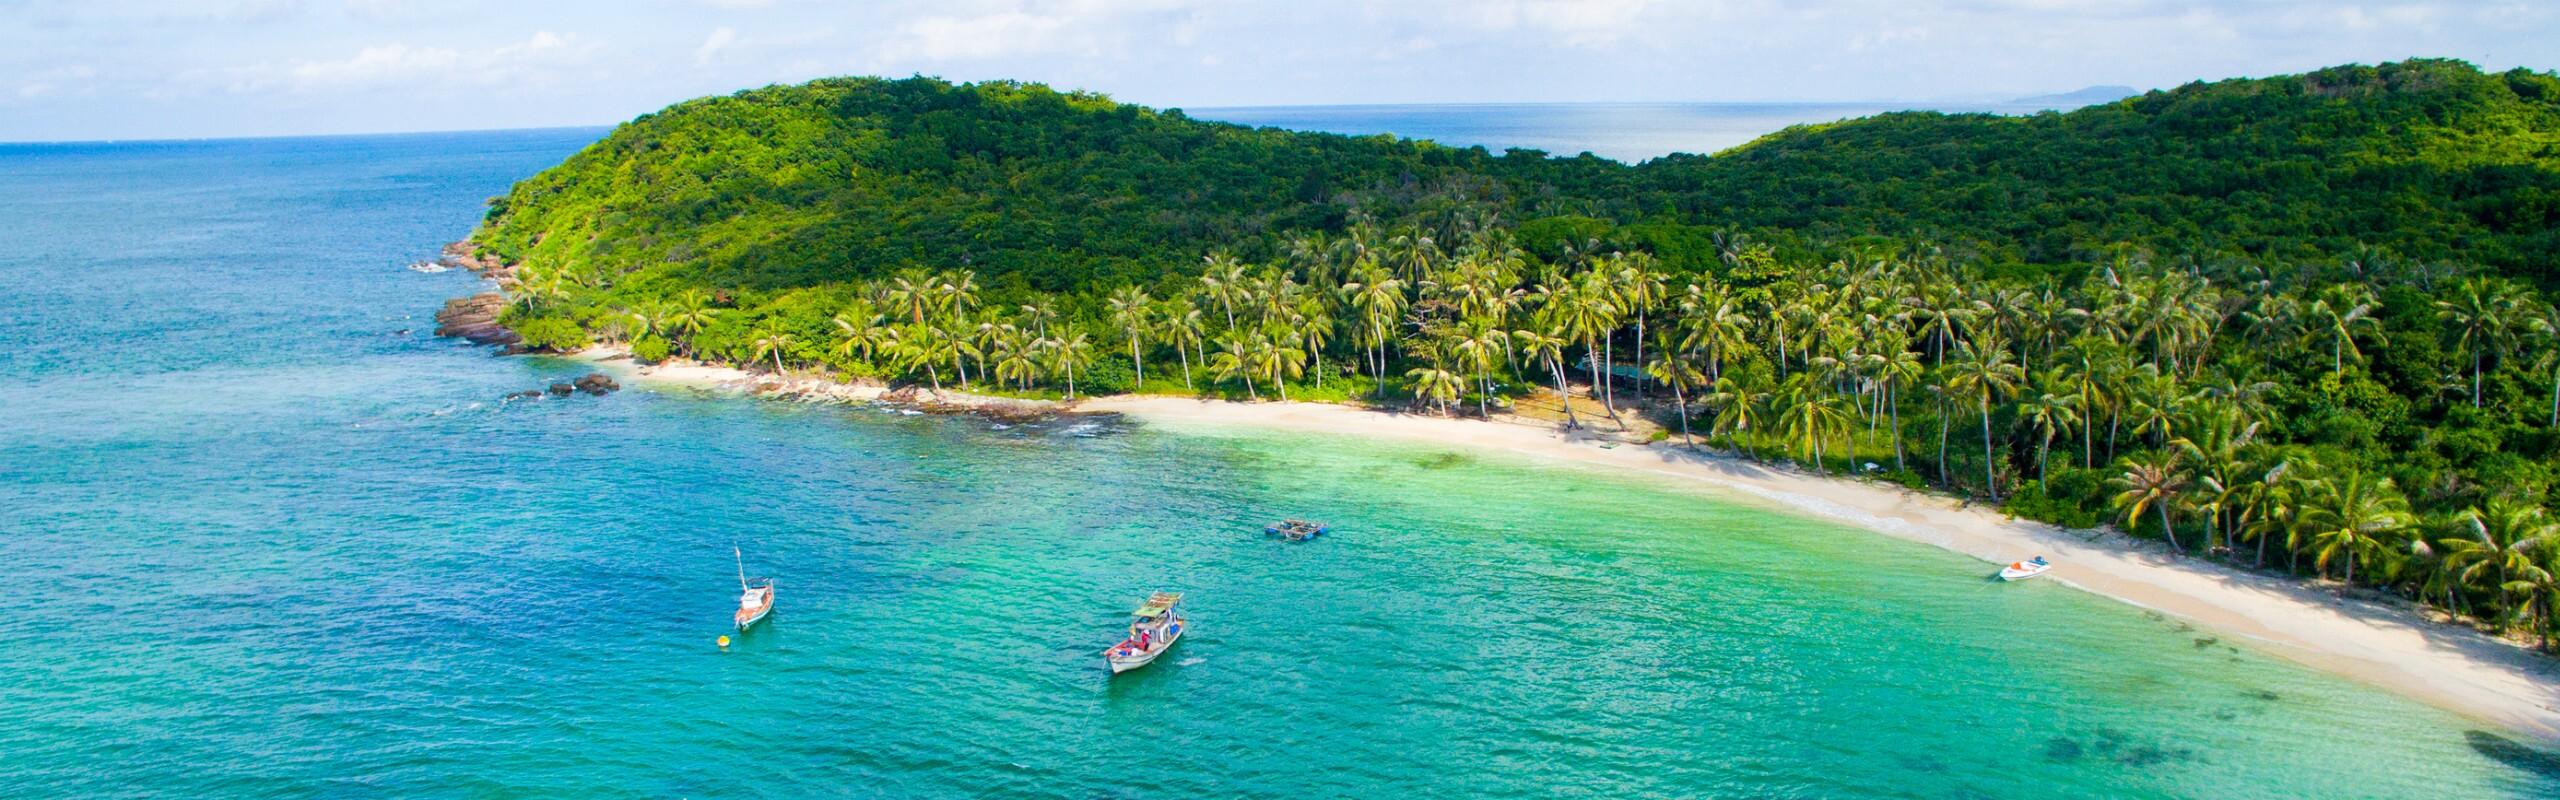 Top 8 Scenic Attractions in Vietnam